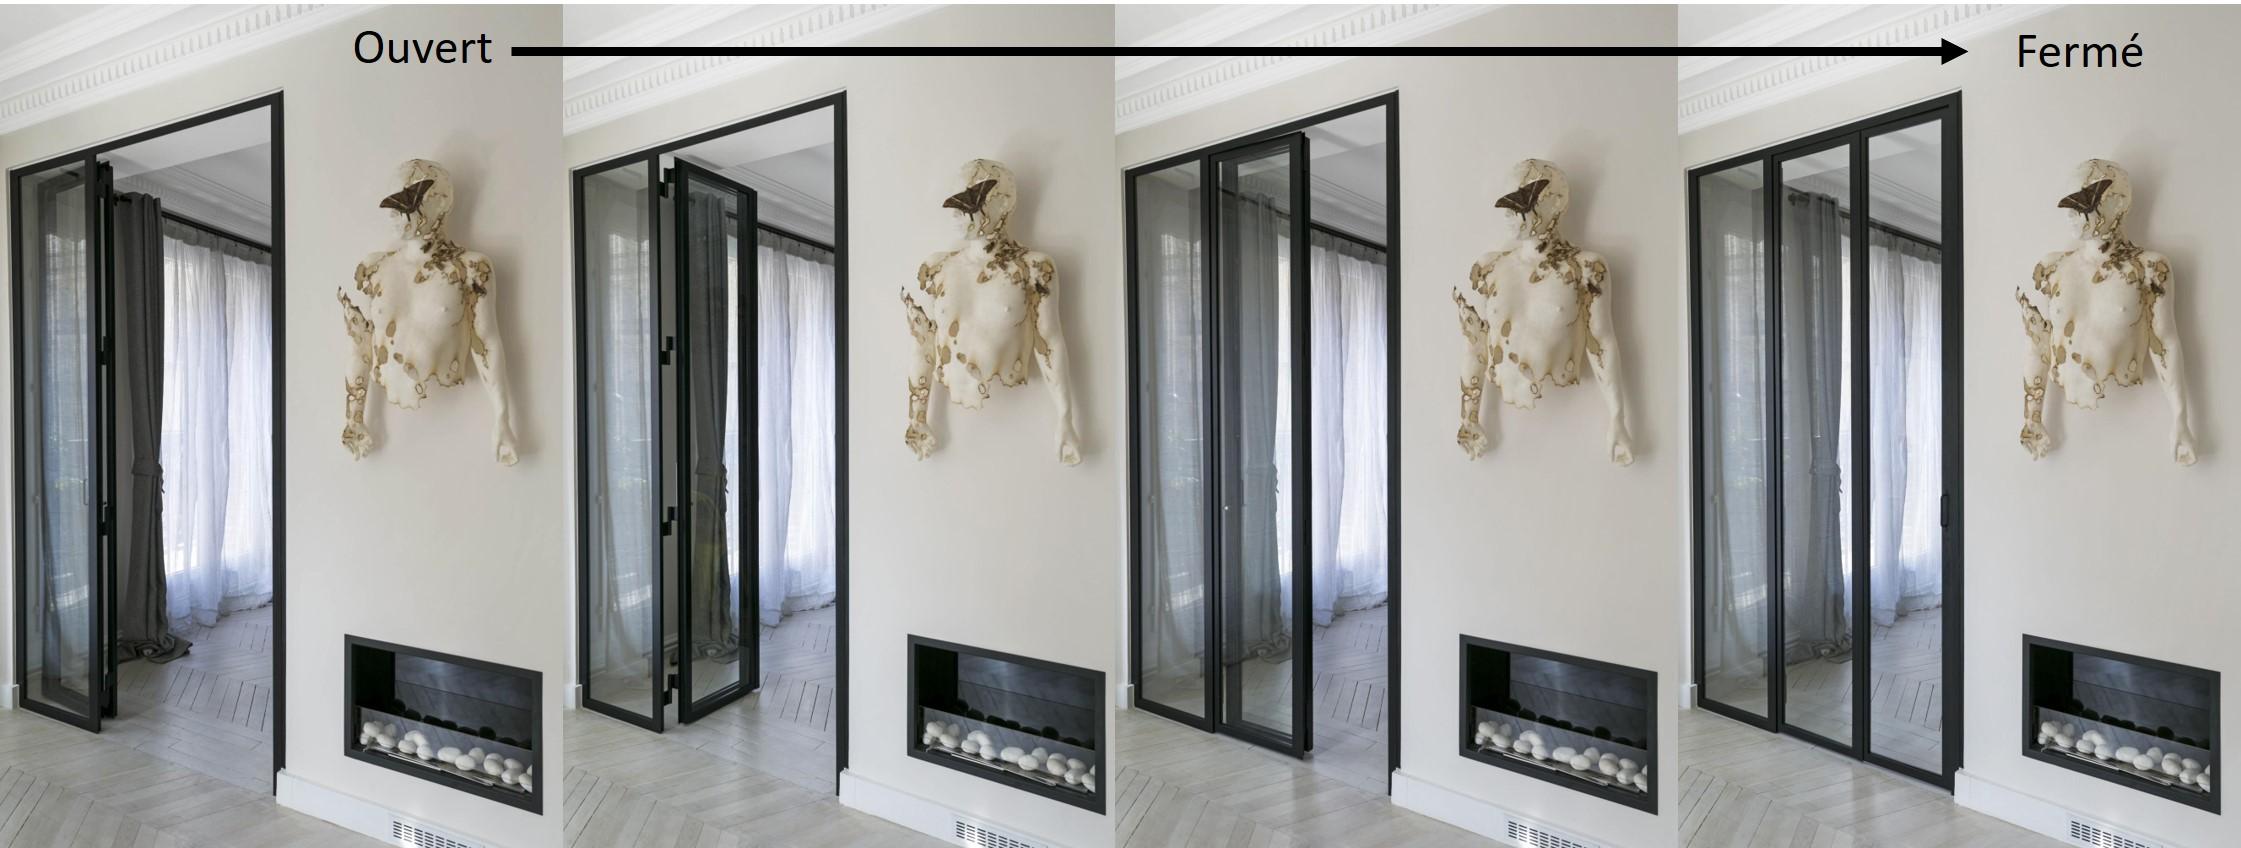 porte coulissante atelier d 39 artiste vitr e et en acier 1. Black Bedroom Furniture Sets. Home Design Ideas